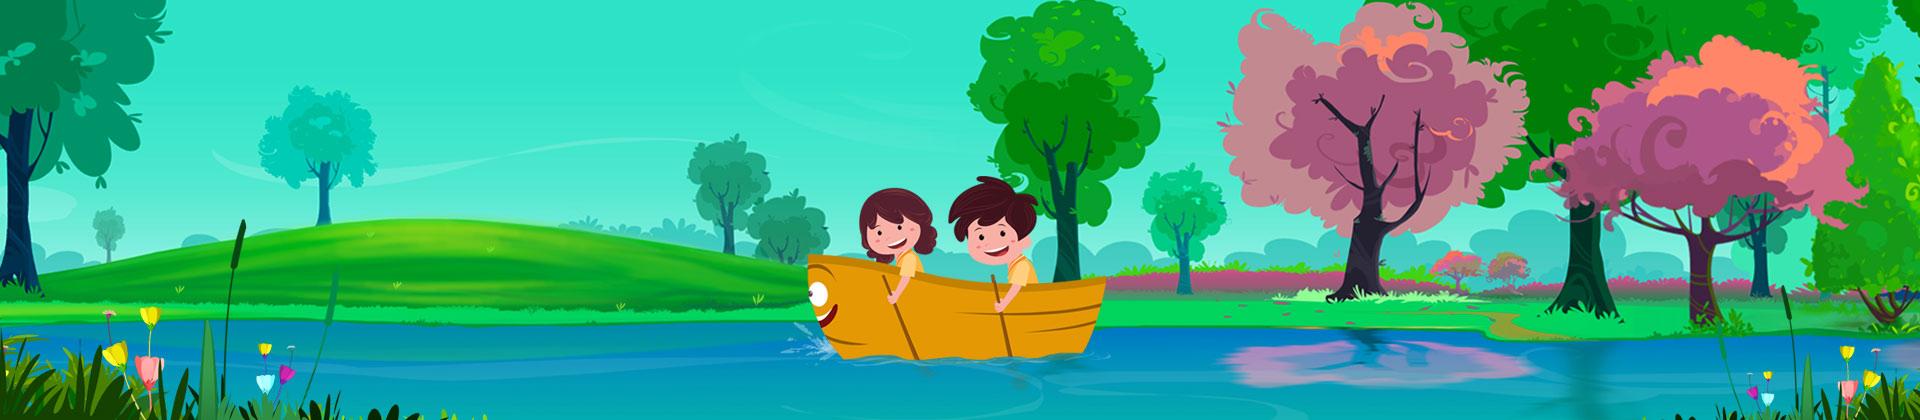 row row row your boat nursery rhyme with lyrics